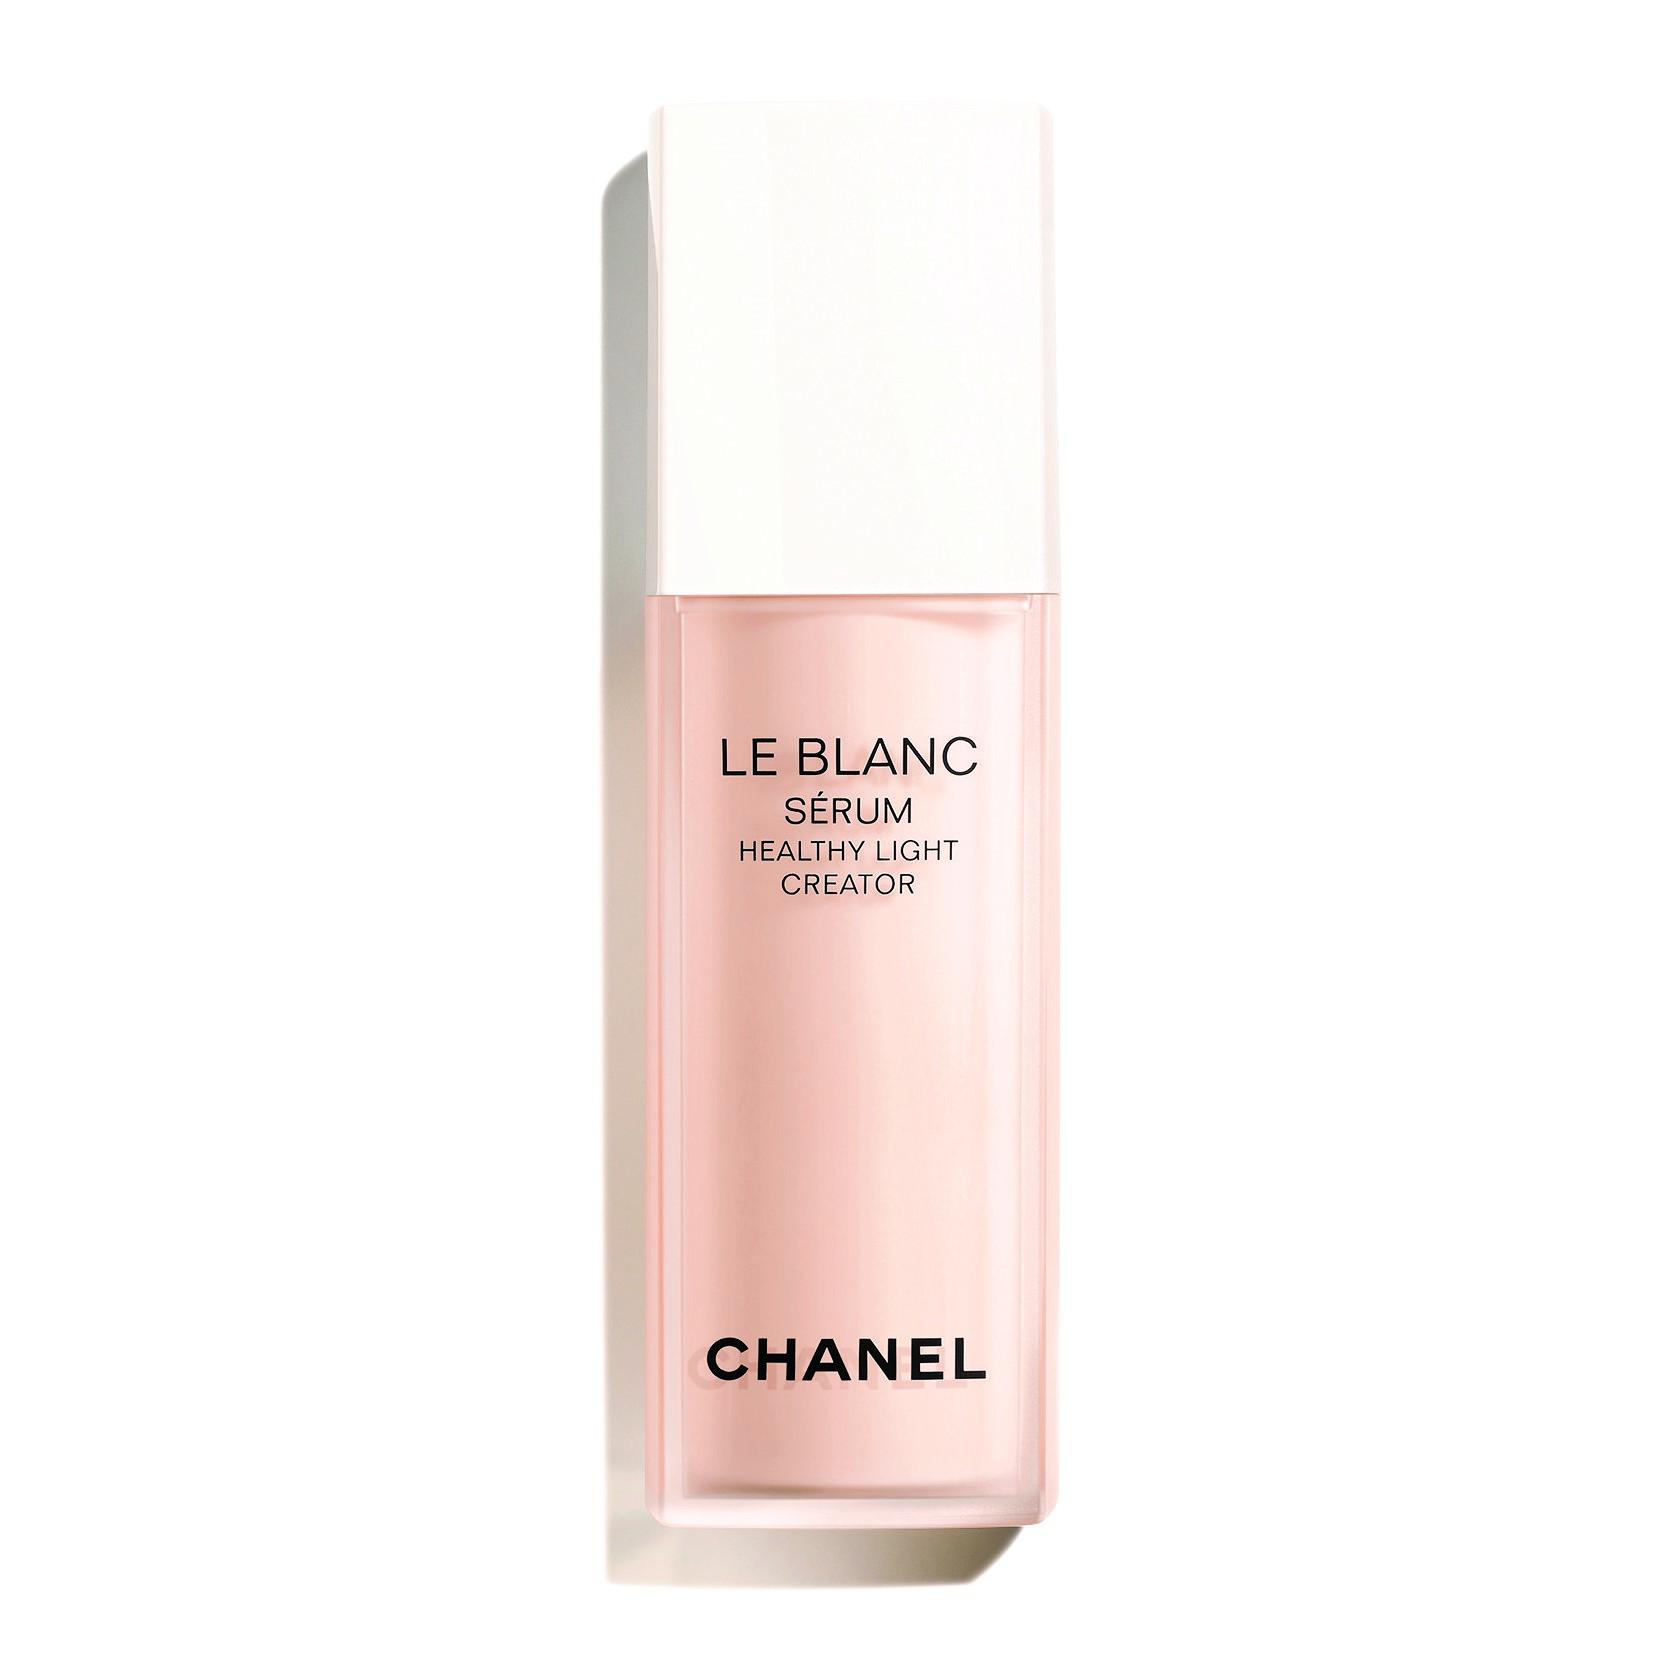 しみ、くすみに効果のある美白美容液、シャネル ル ブラン セラム H CLS